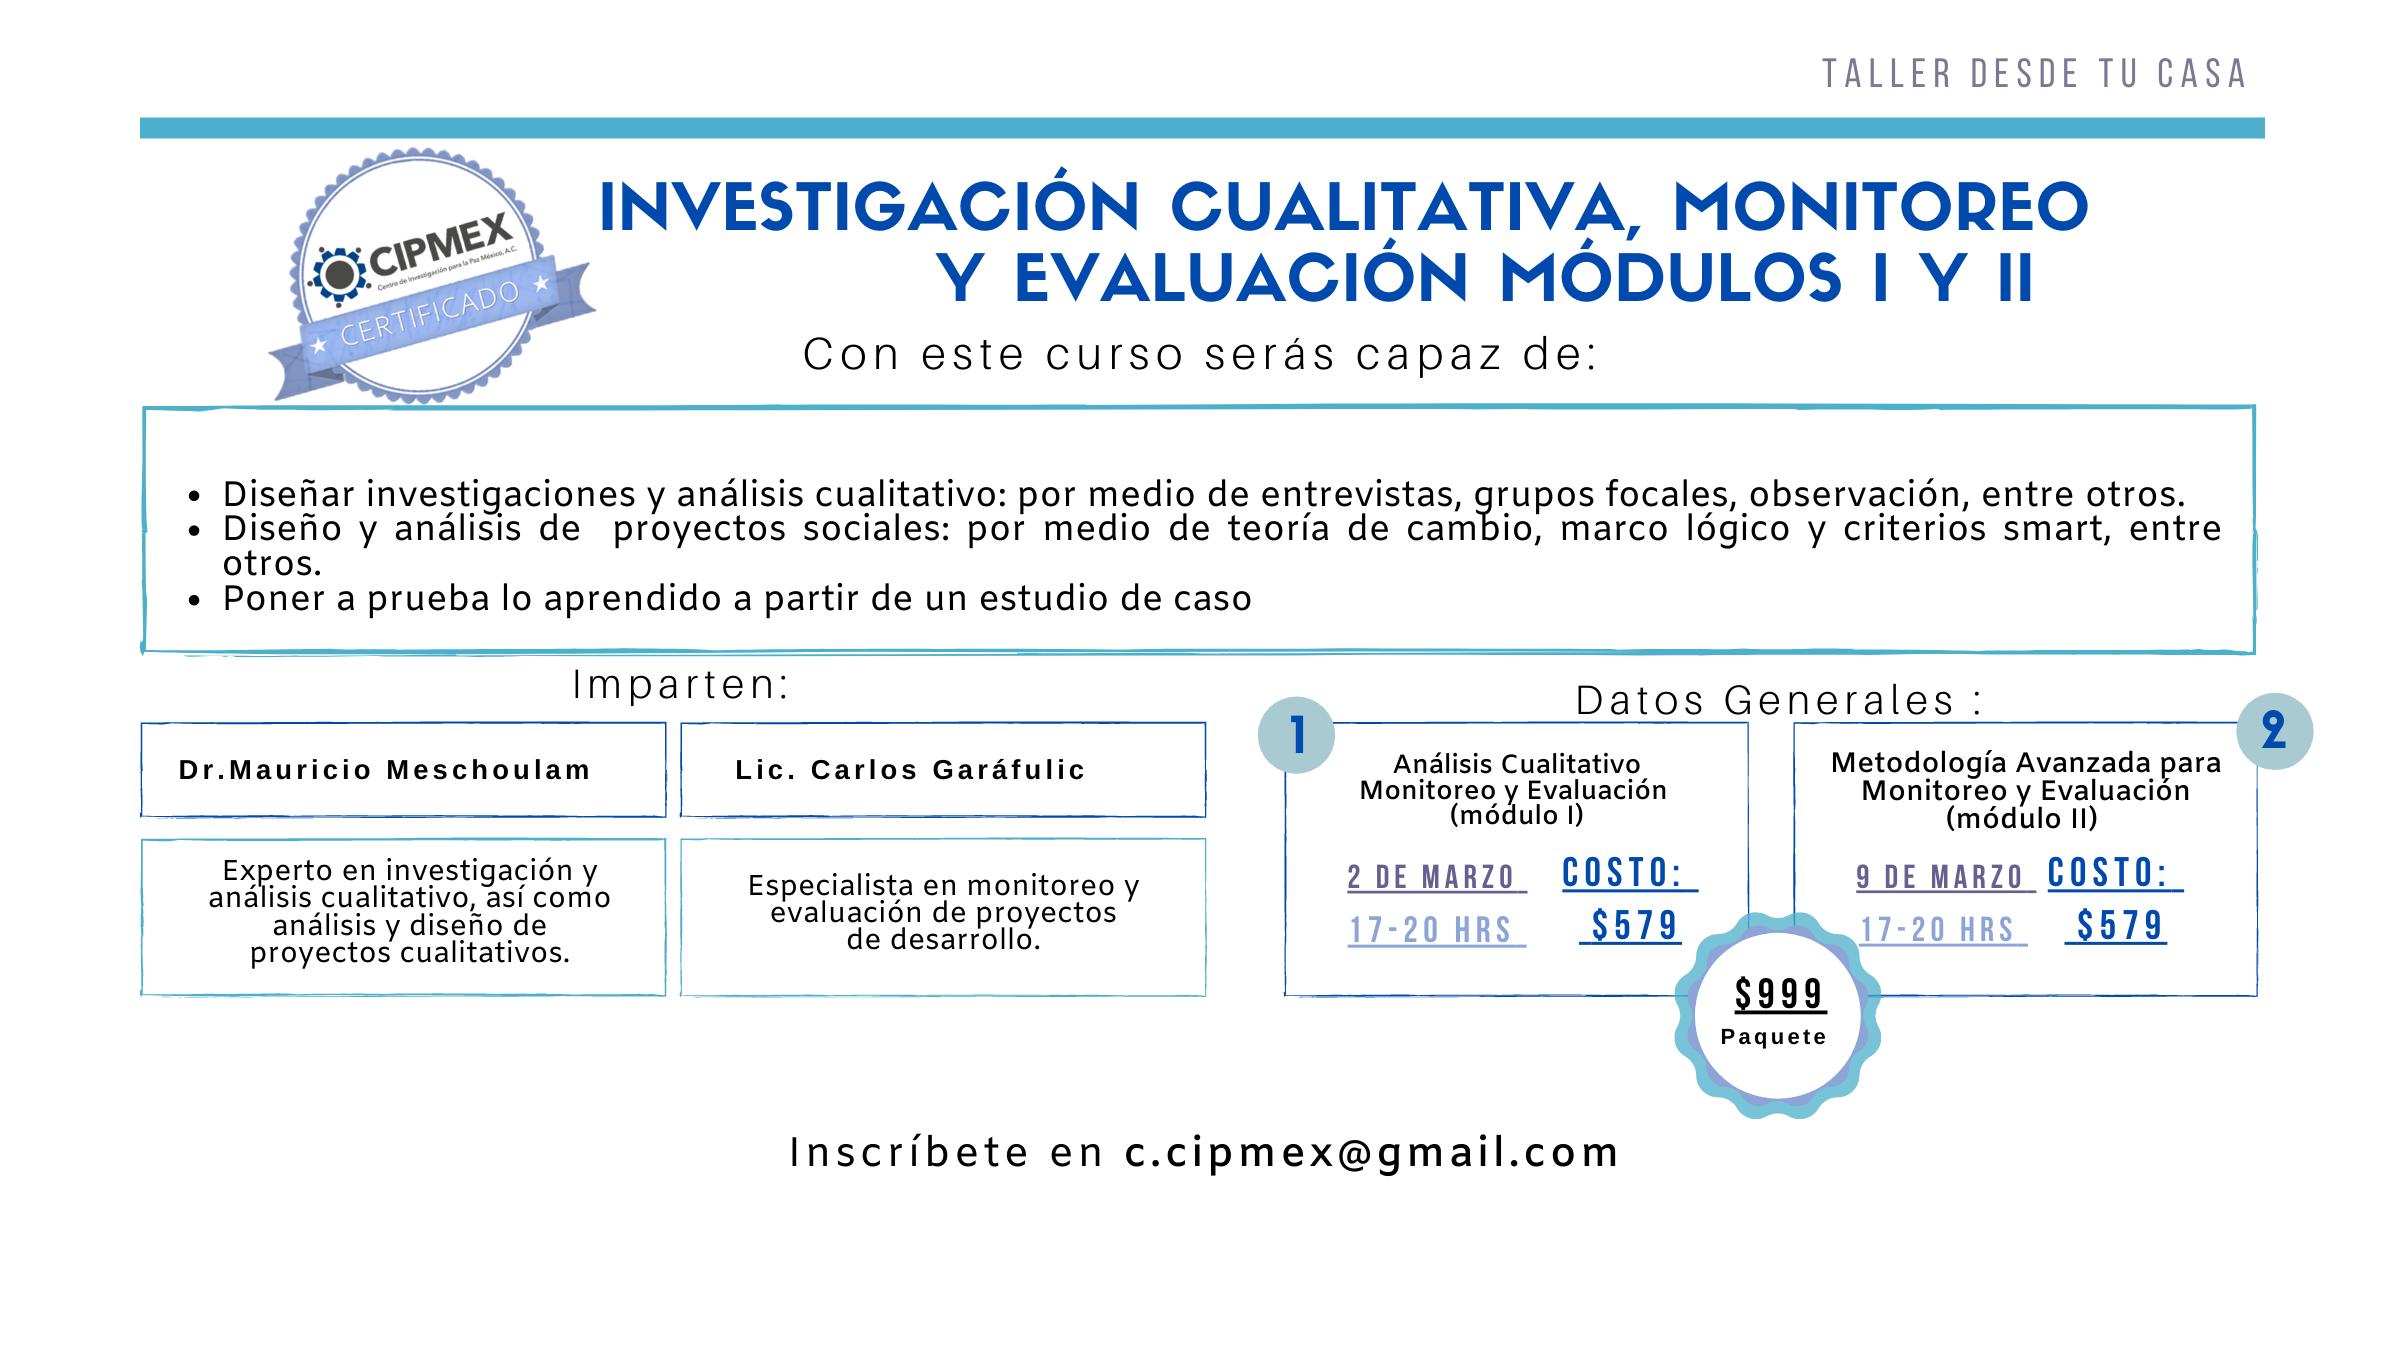 Taller: Investigación Cualitativa, Monitoreo y Evaluación Módulos I y II